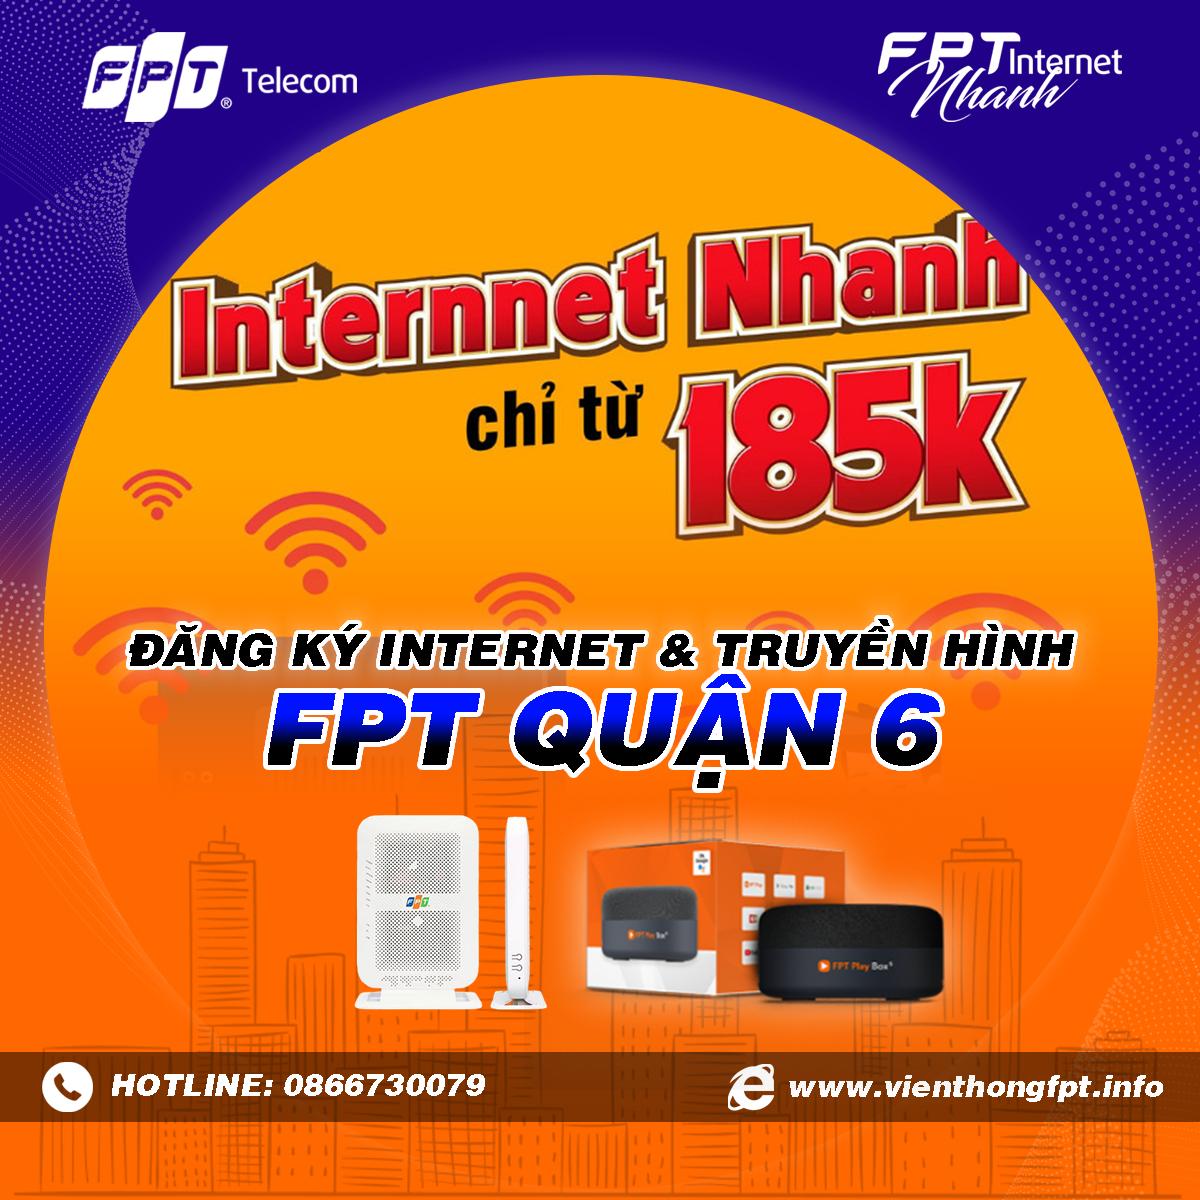 Chi nhánh FPT Chợ Lớn - FPT Quận 6 - Tổng đài lắp mạng Internet và Truyền hình FPT